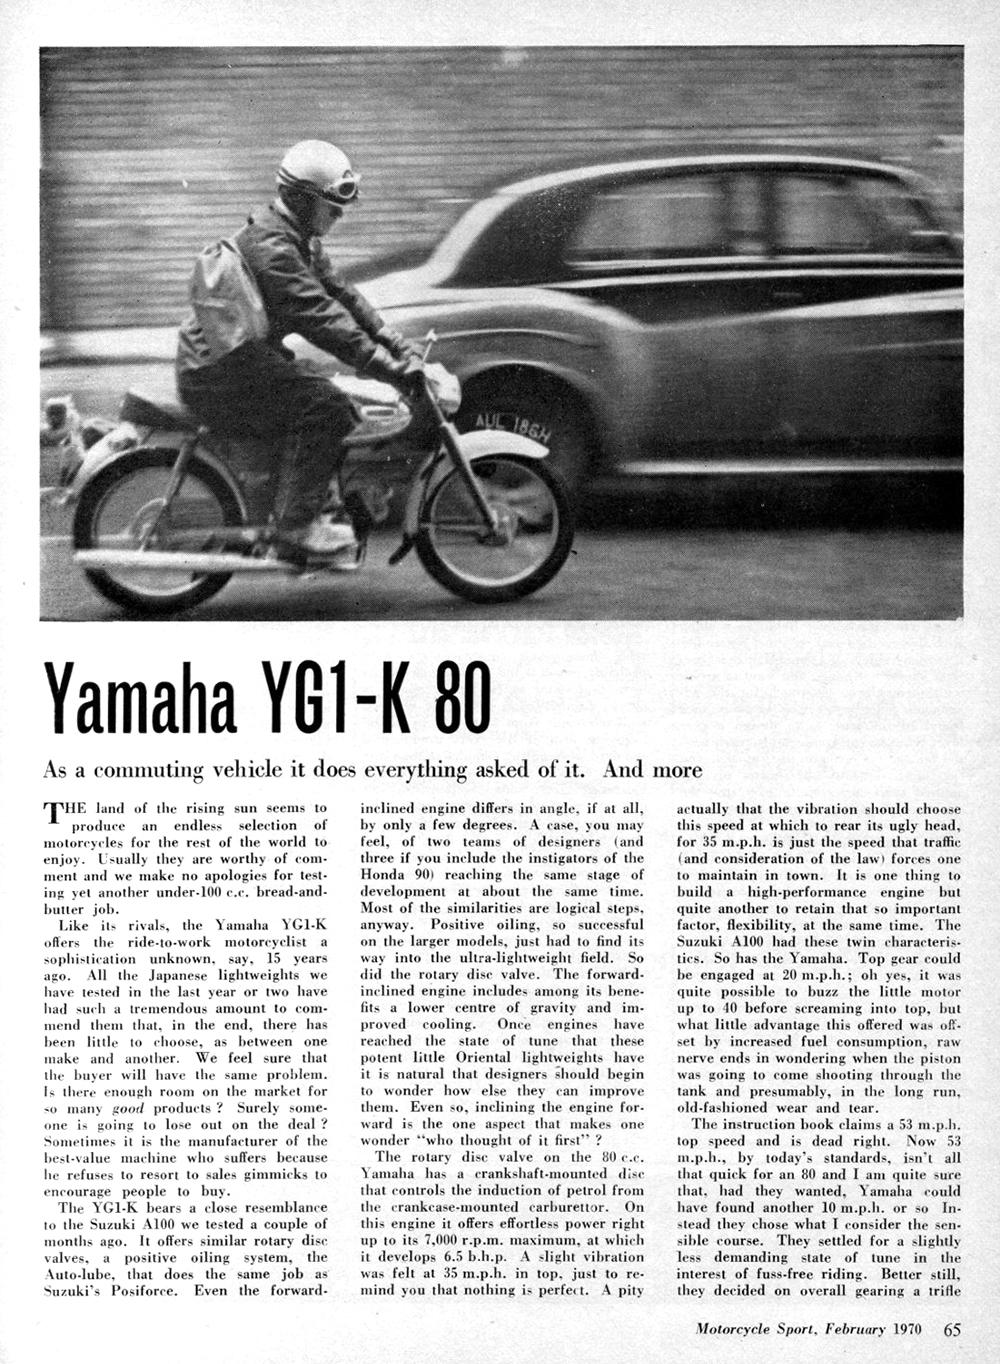 1970 Yamaha YG1-K 80 road test 1.jpg